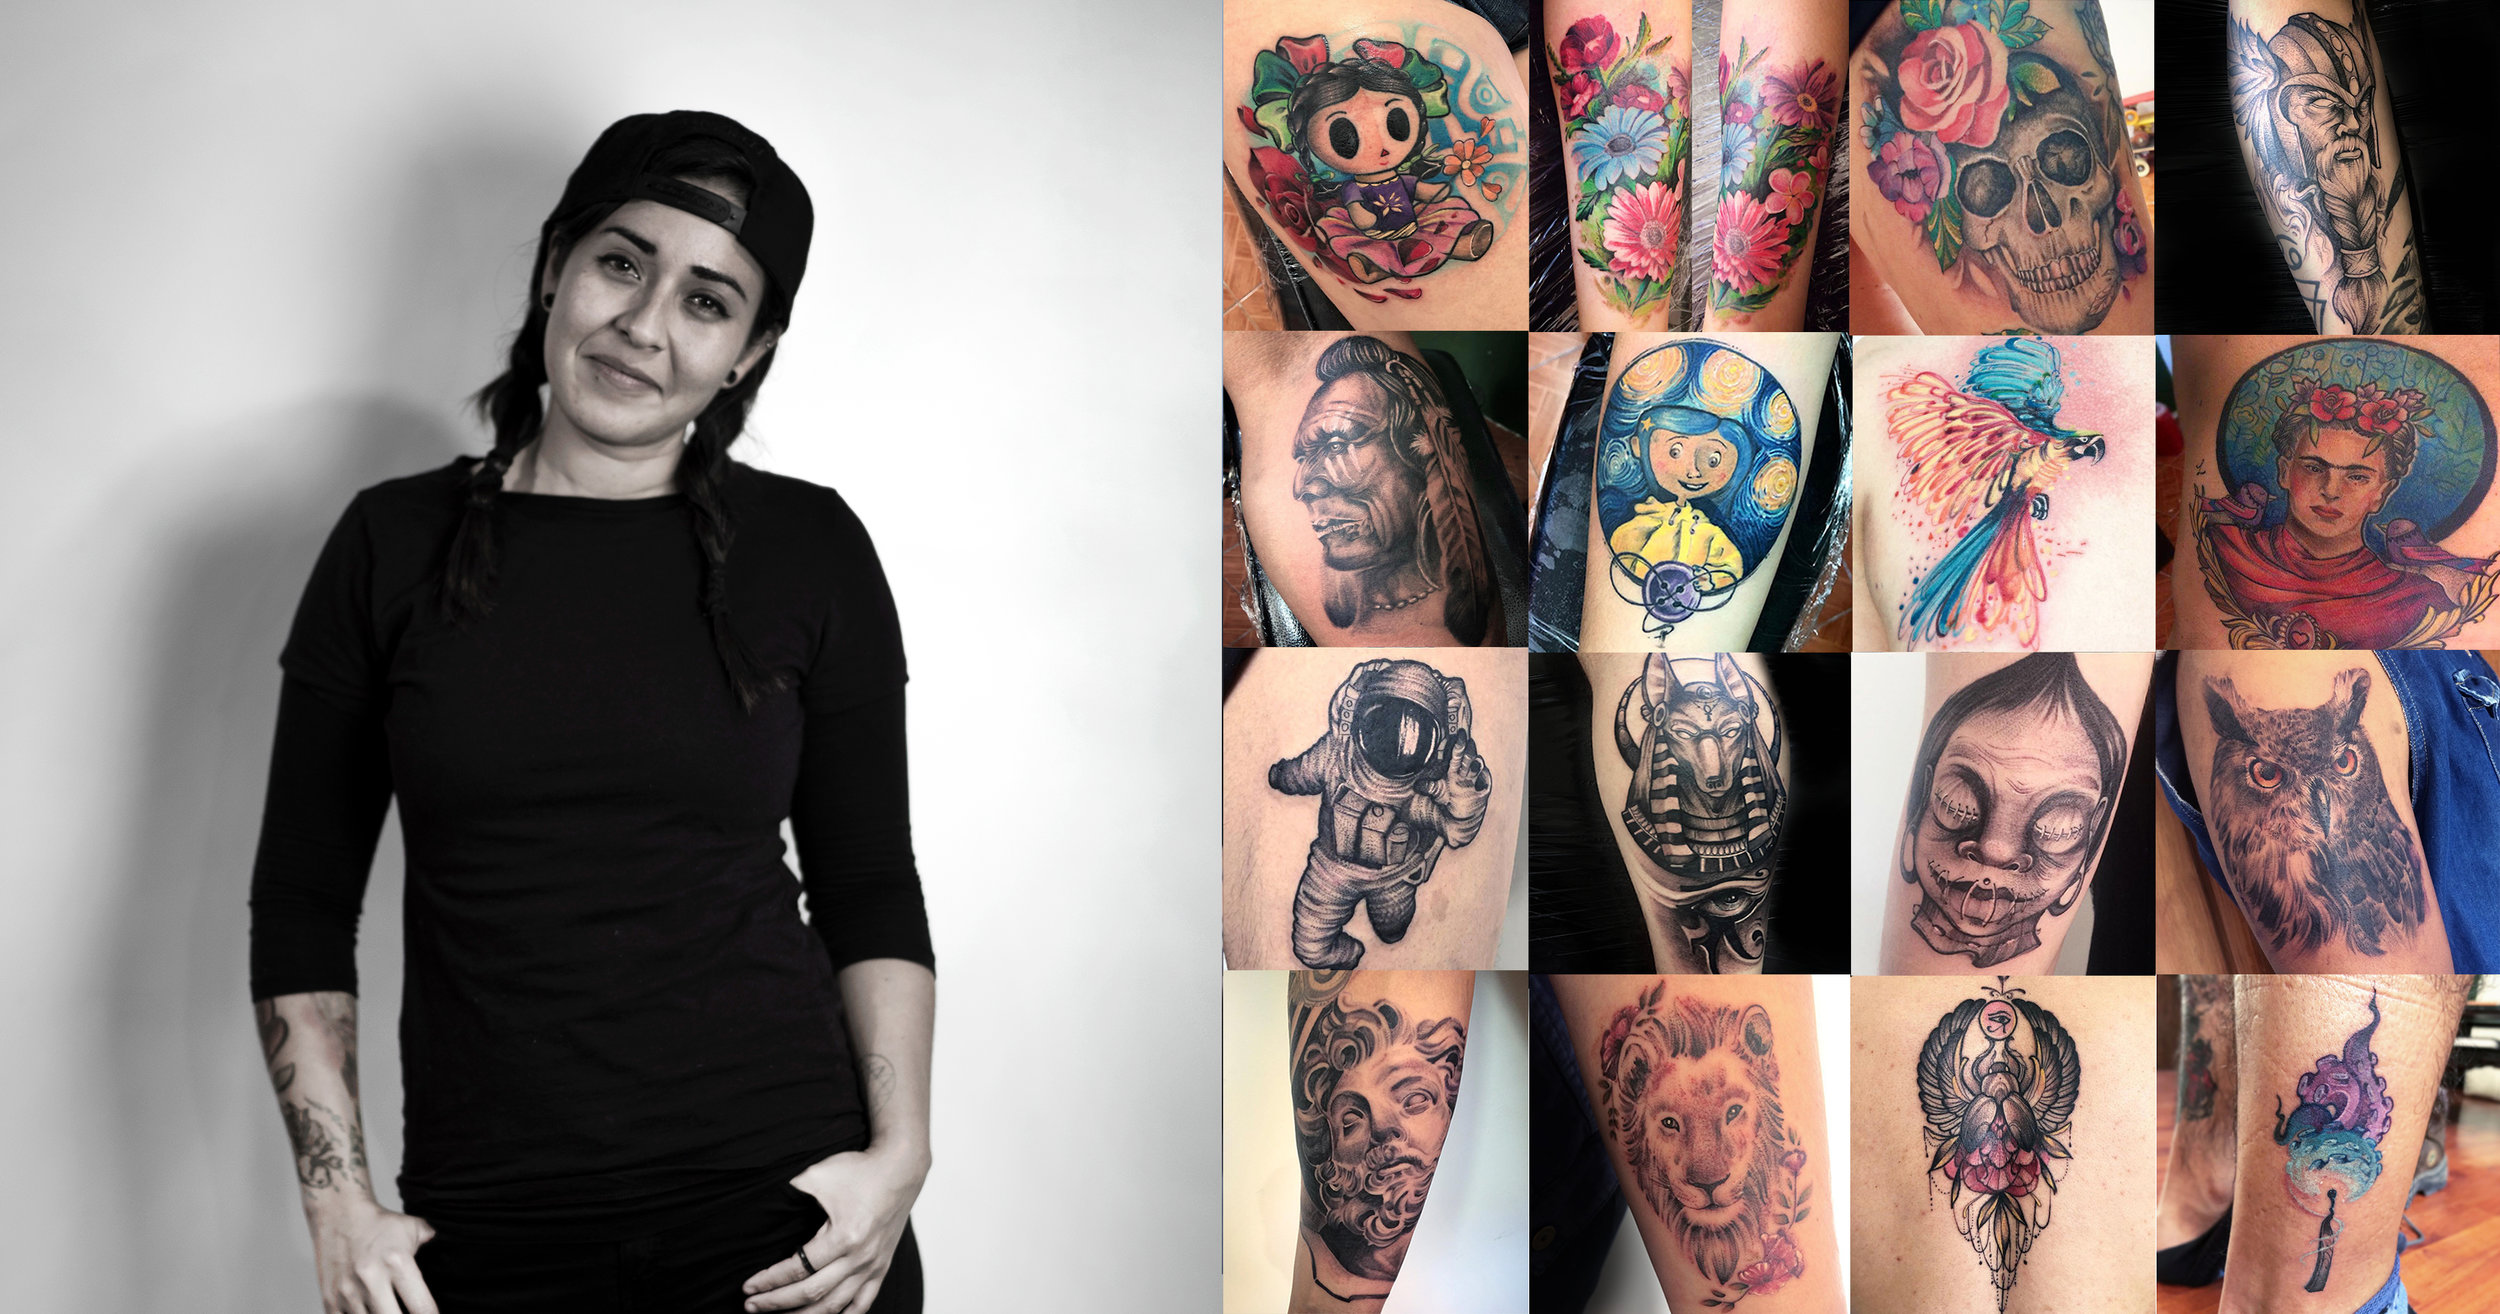 TALI   Realism, Portraits, Watercolour tattoos, Illustrative tattoos, Floral tattoo, Geometry, Flash.